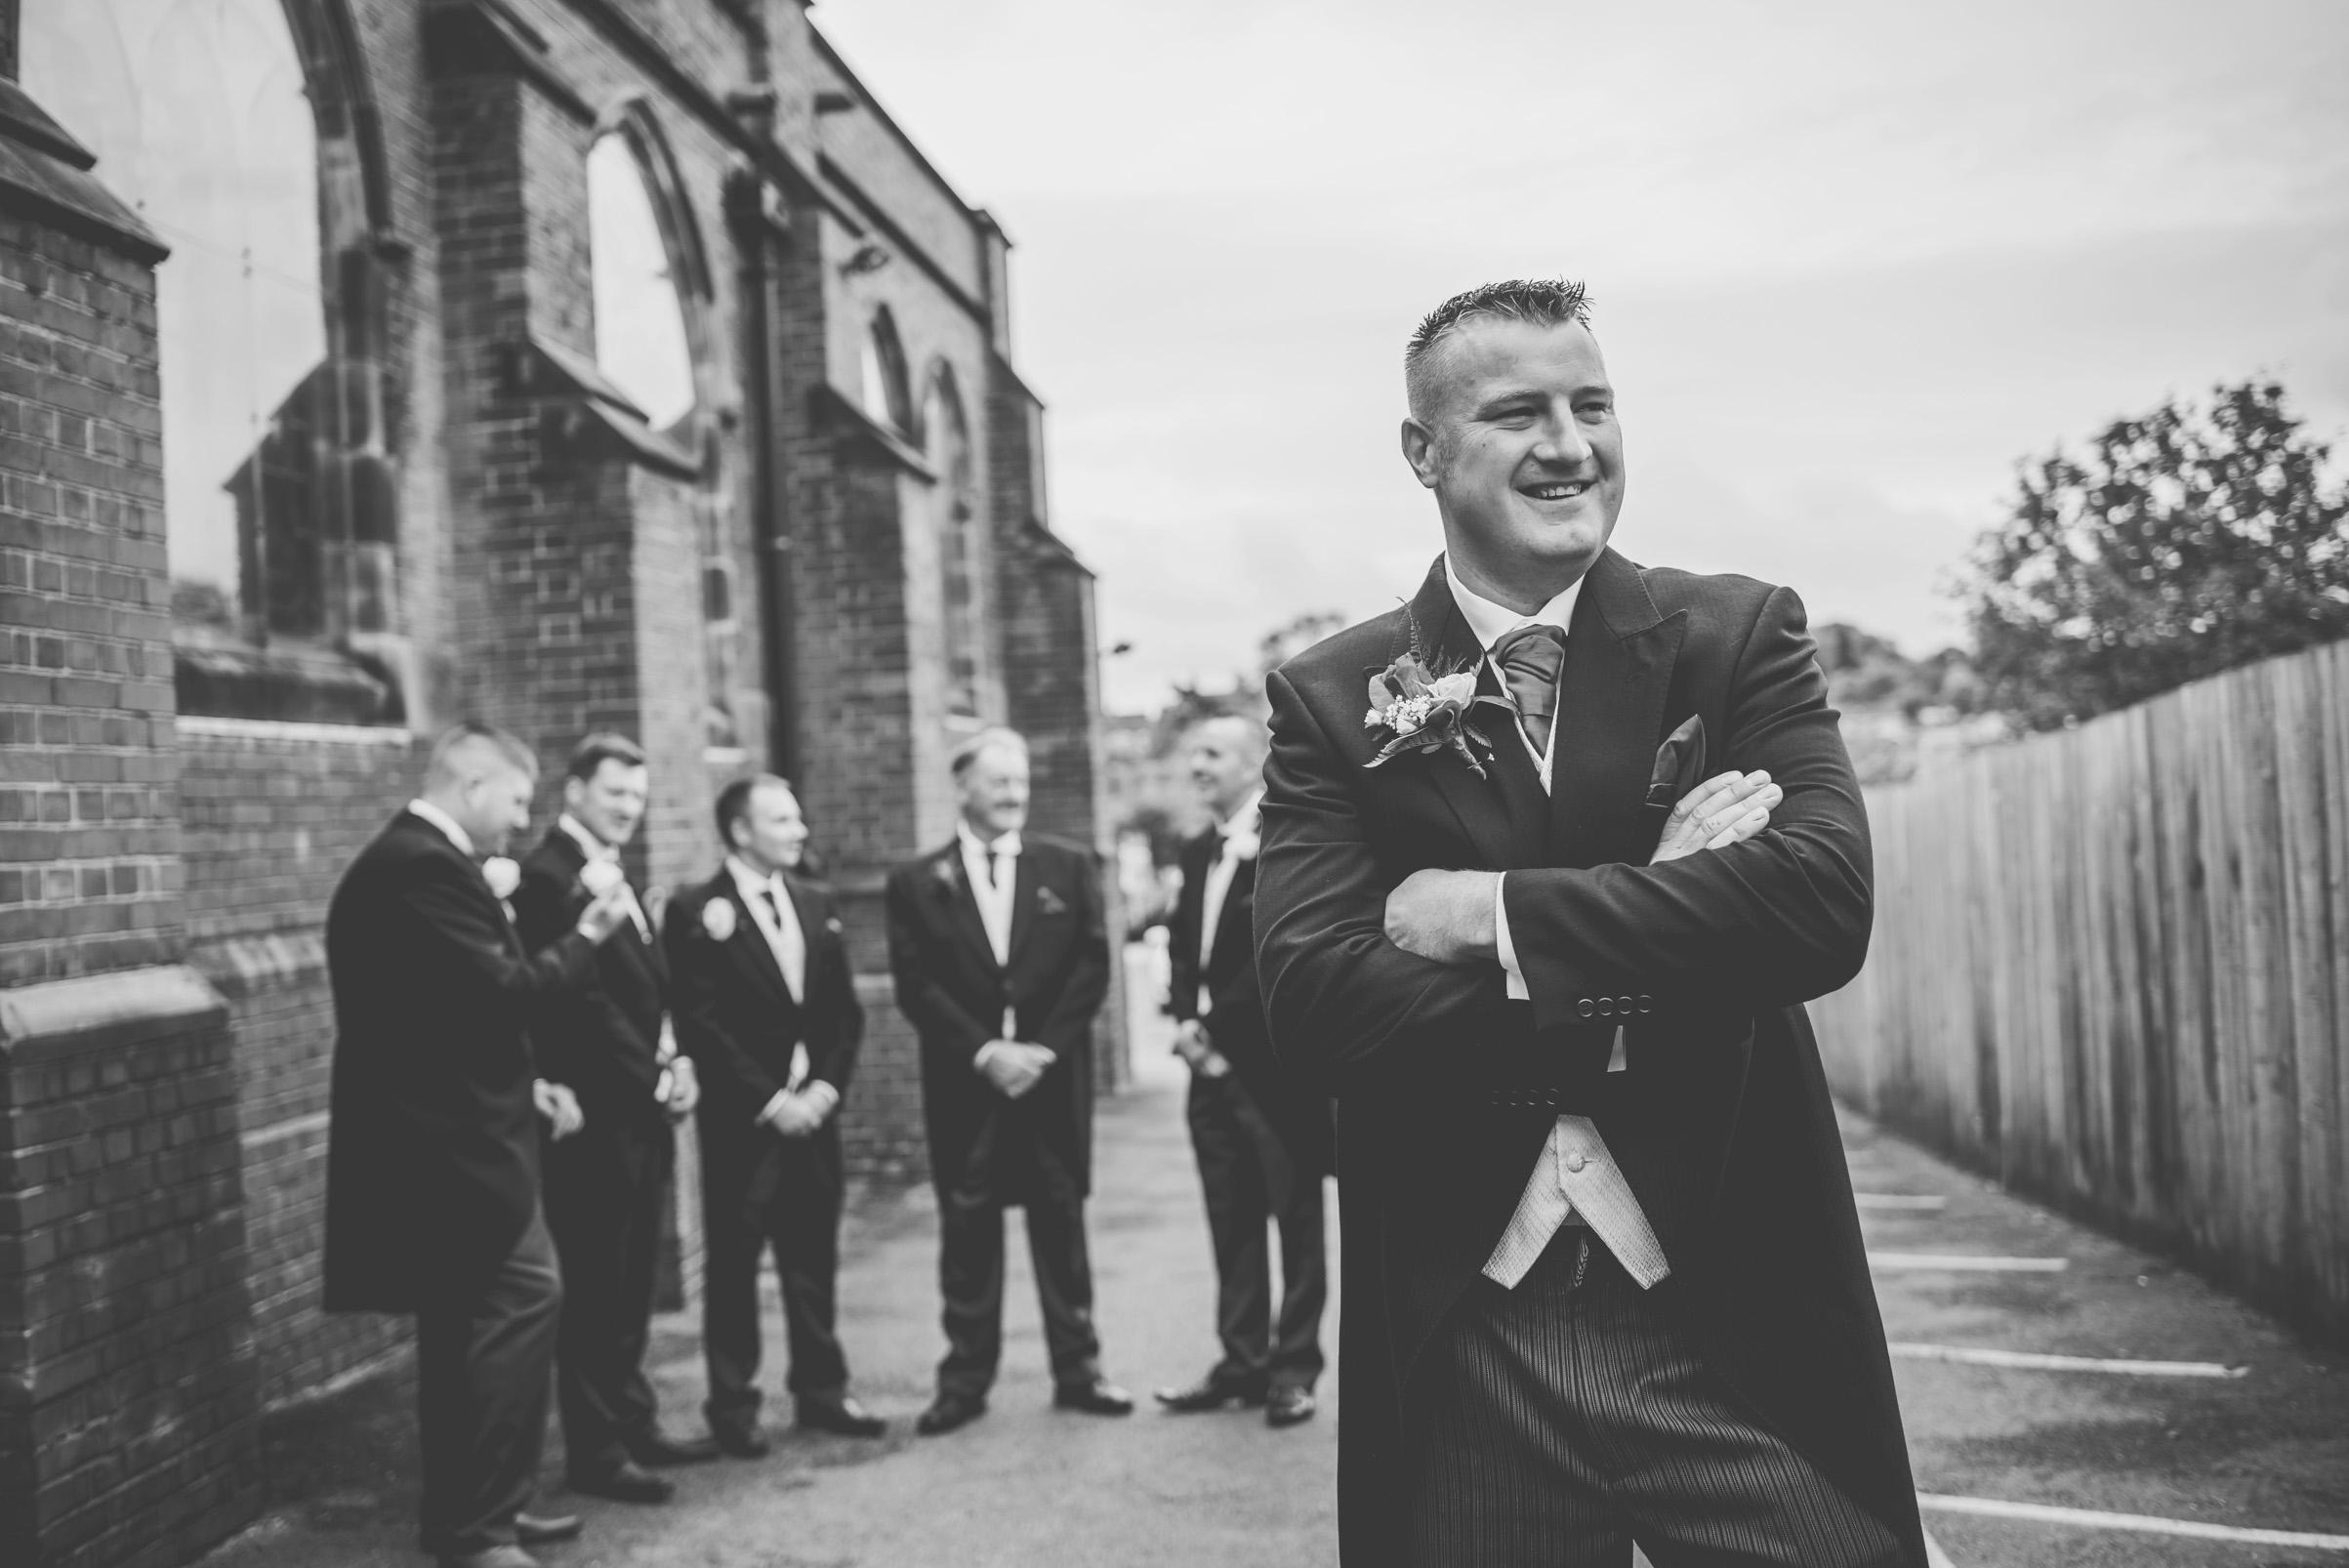 Farm-wedding-staffordshire-st-marys-catholic-church-uttoxter-16.jpg